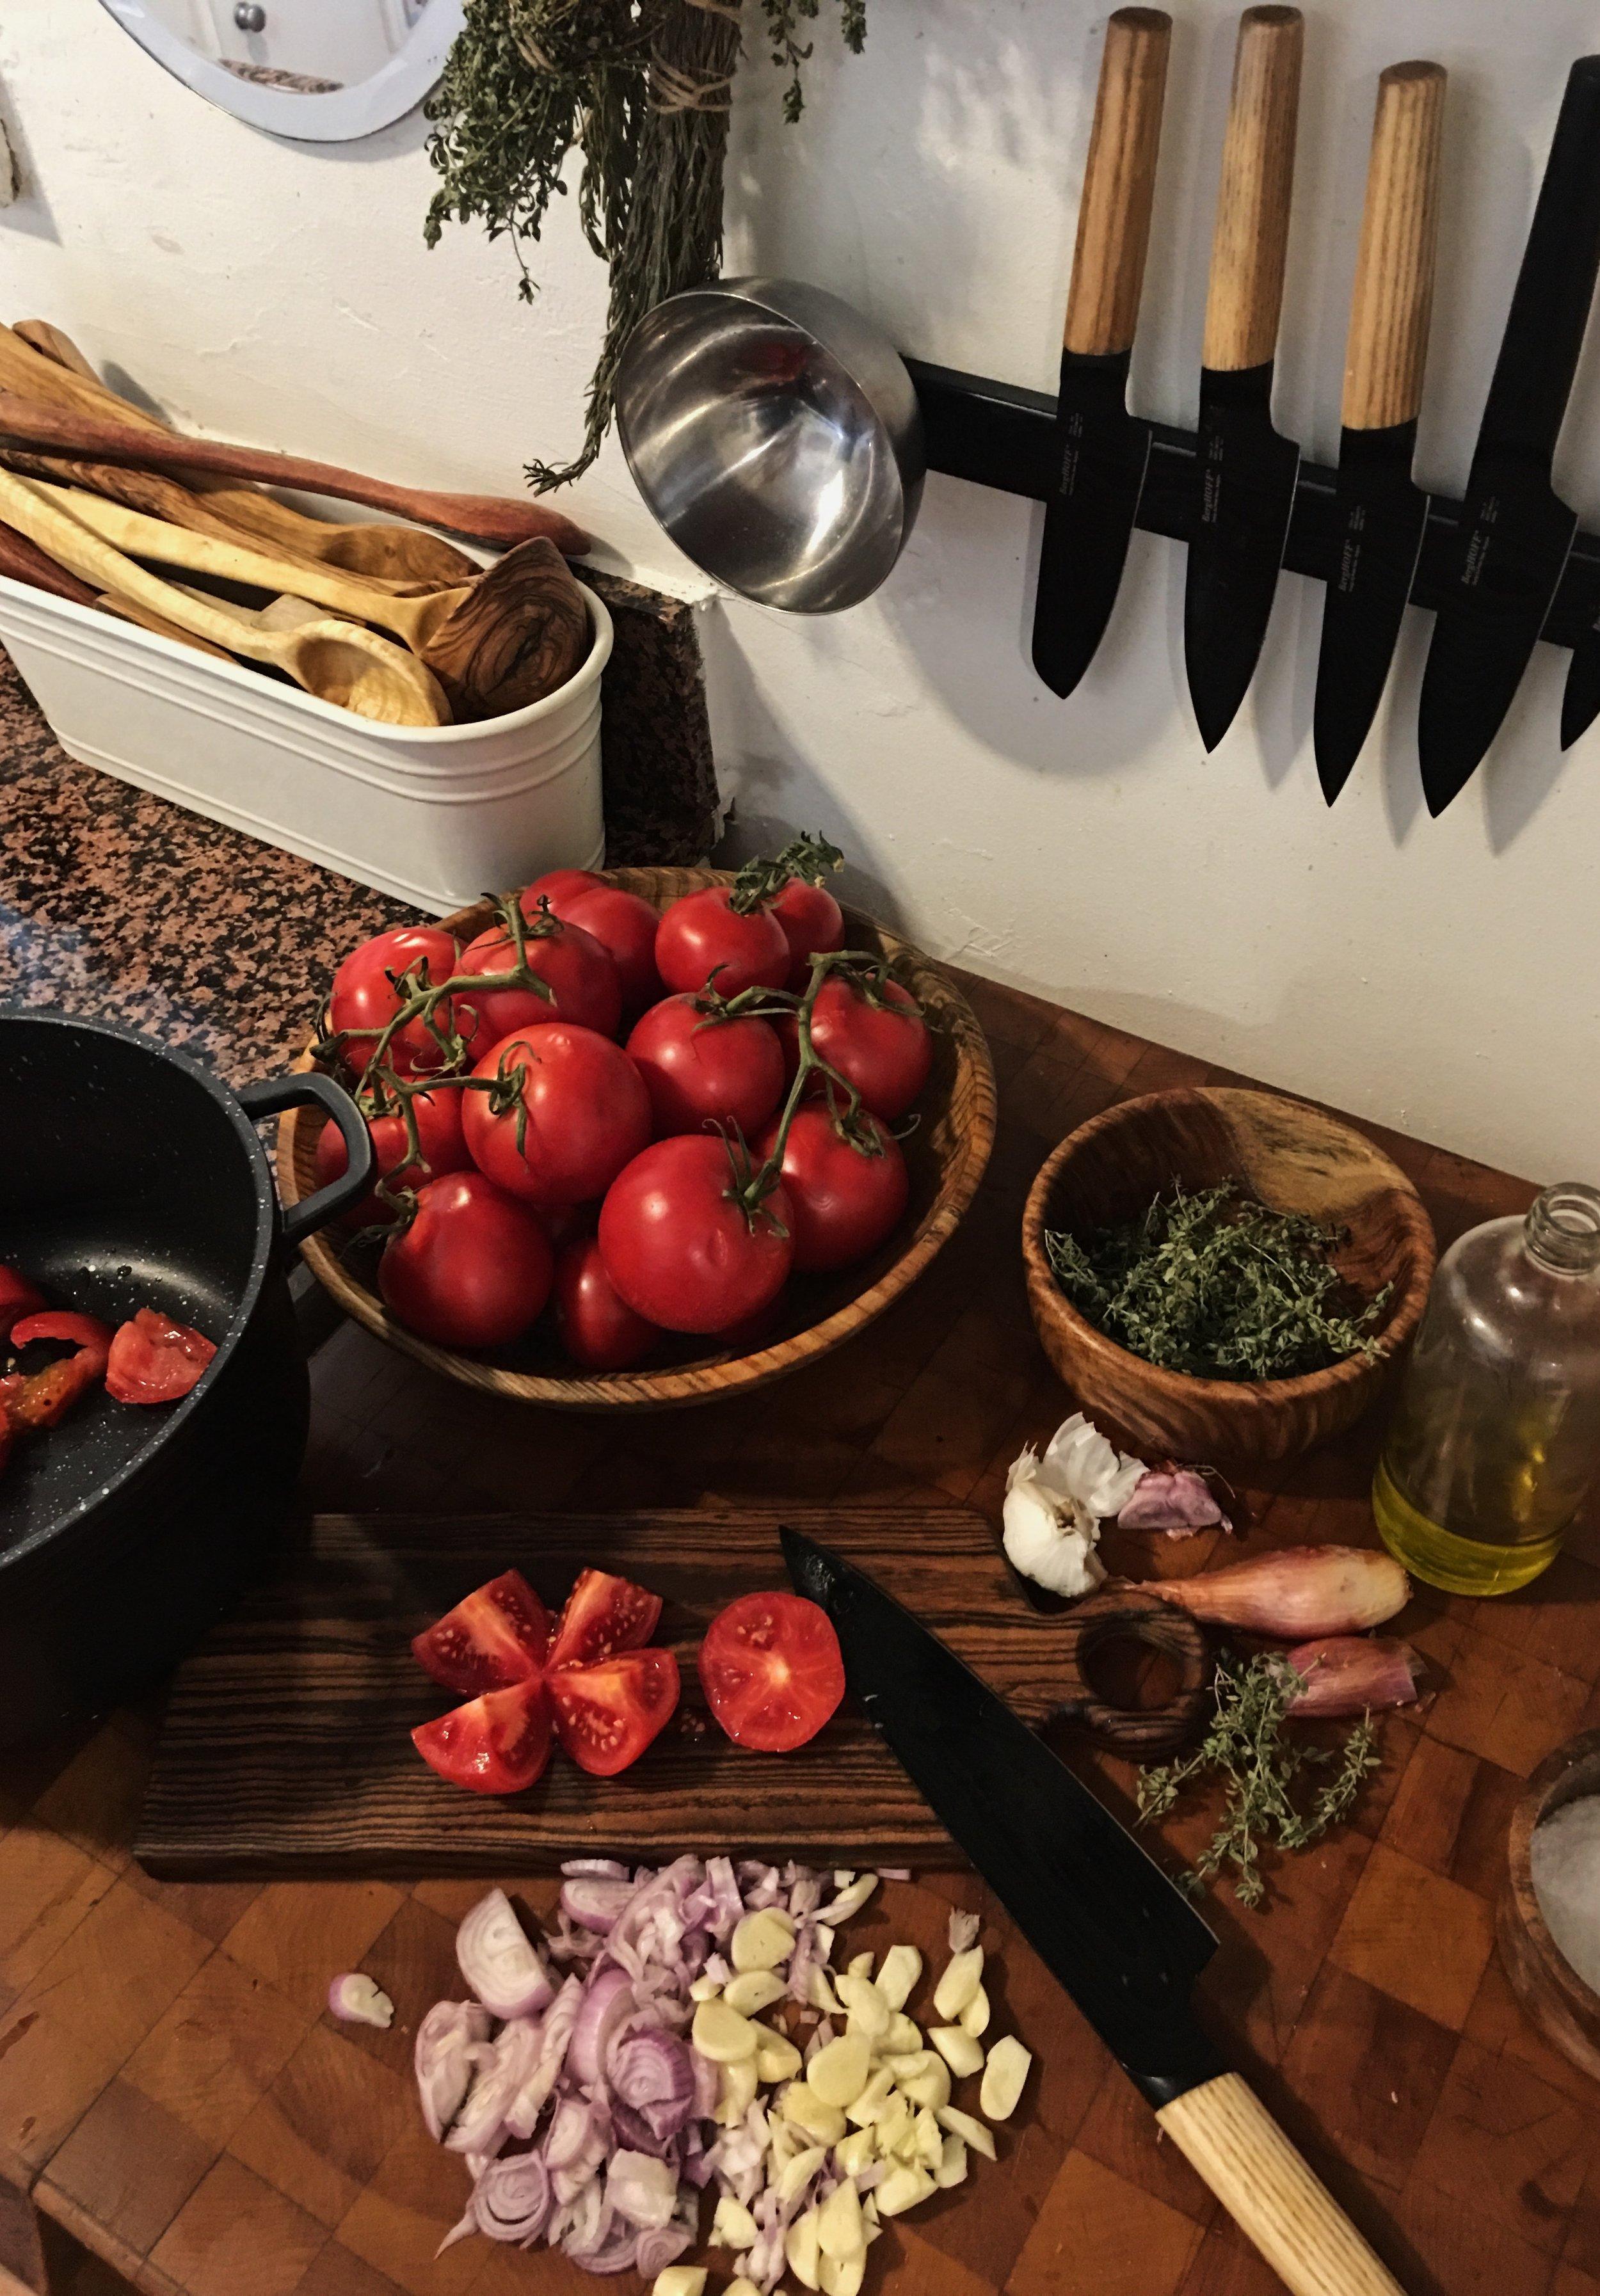 Tomato sauce .jpeg